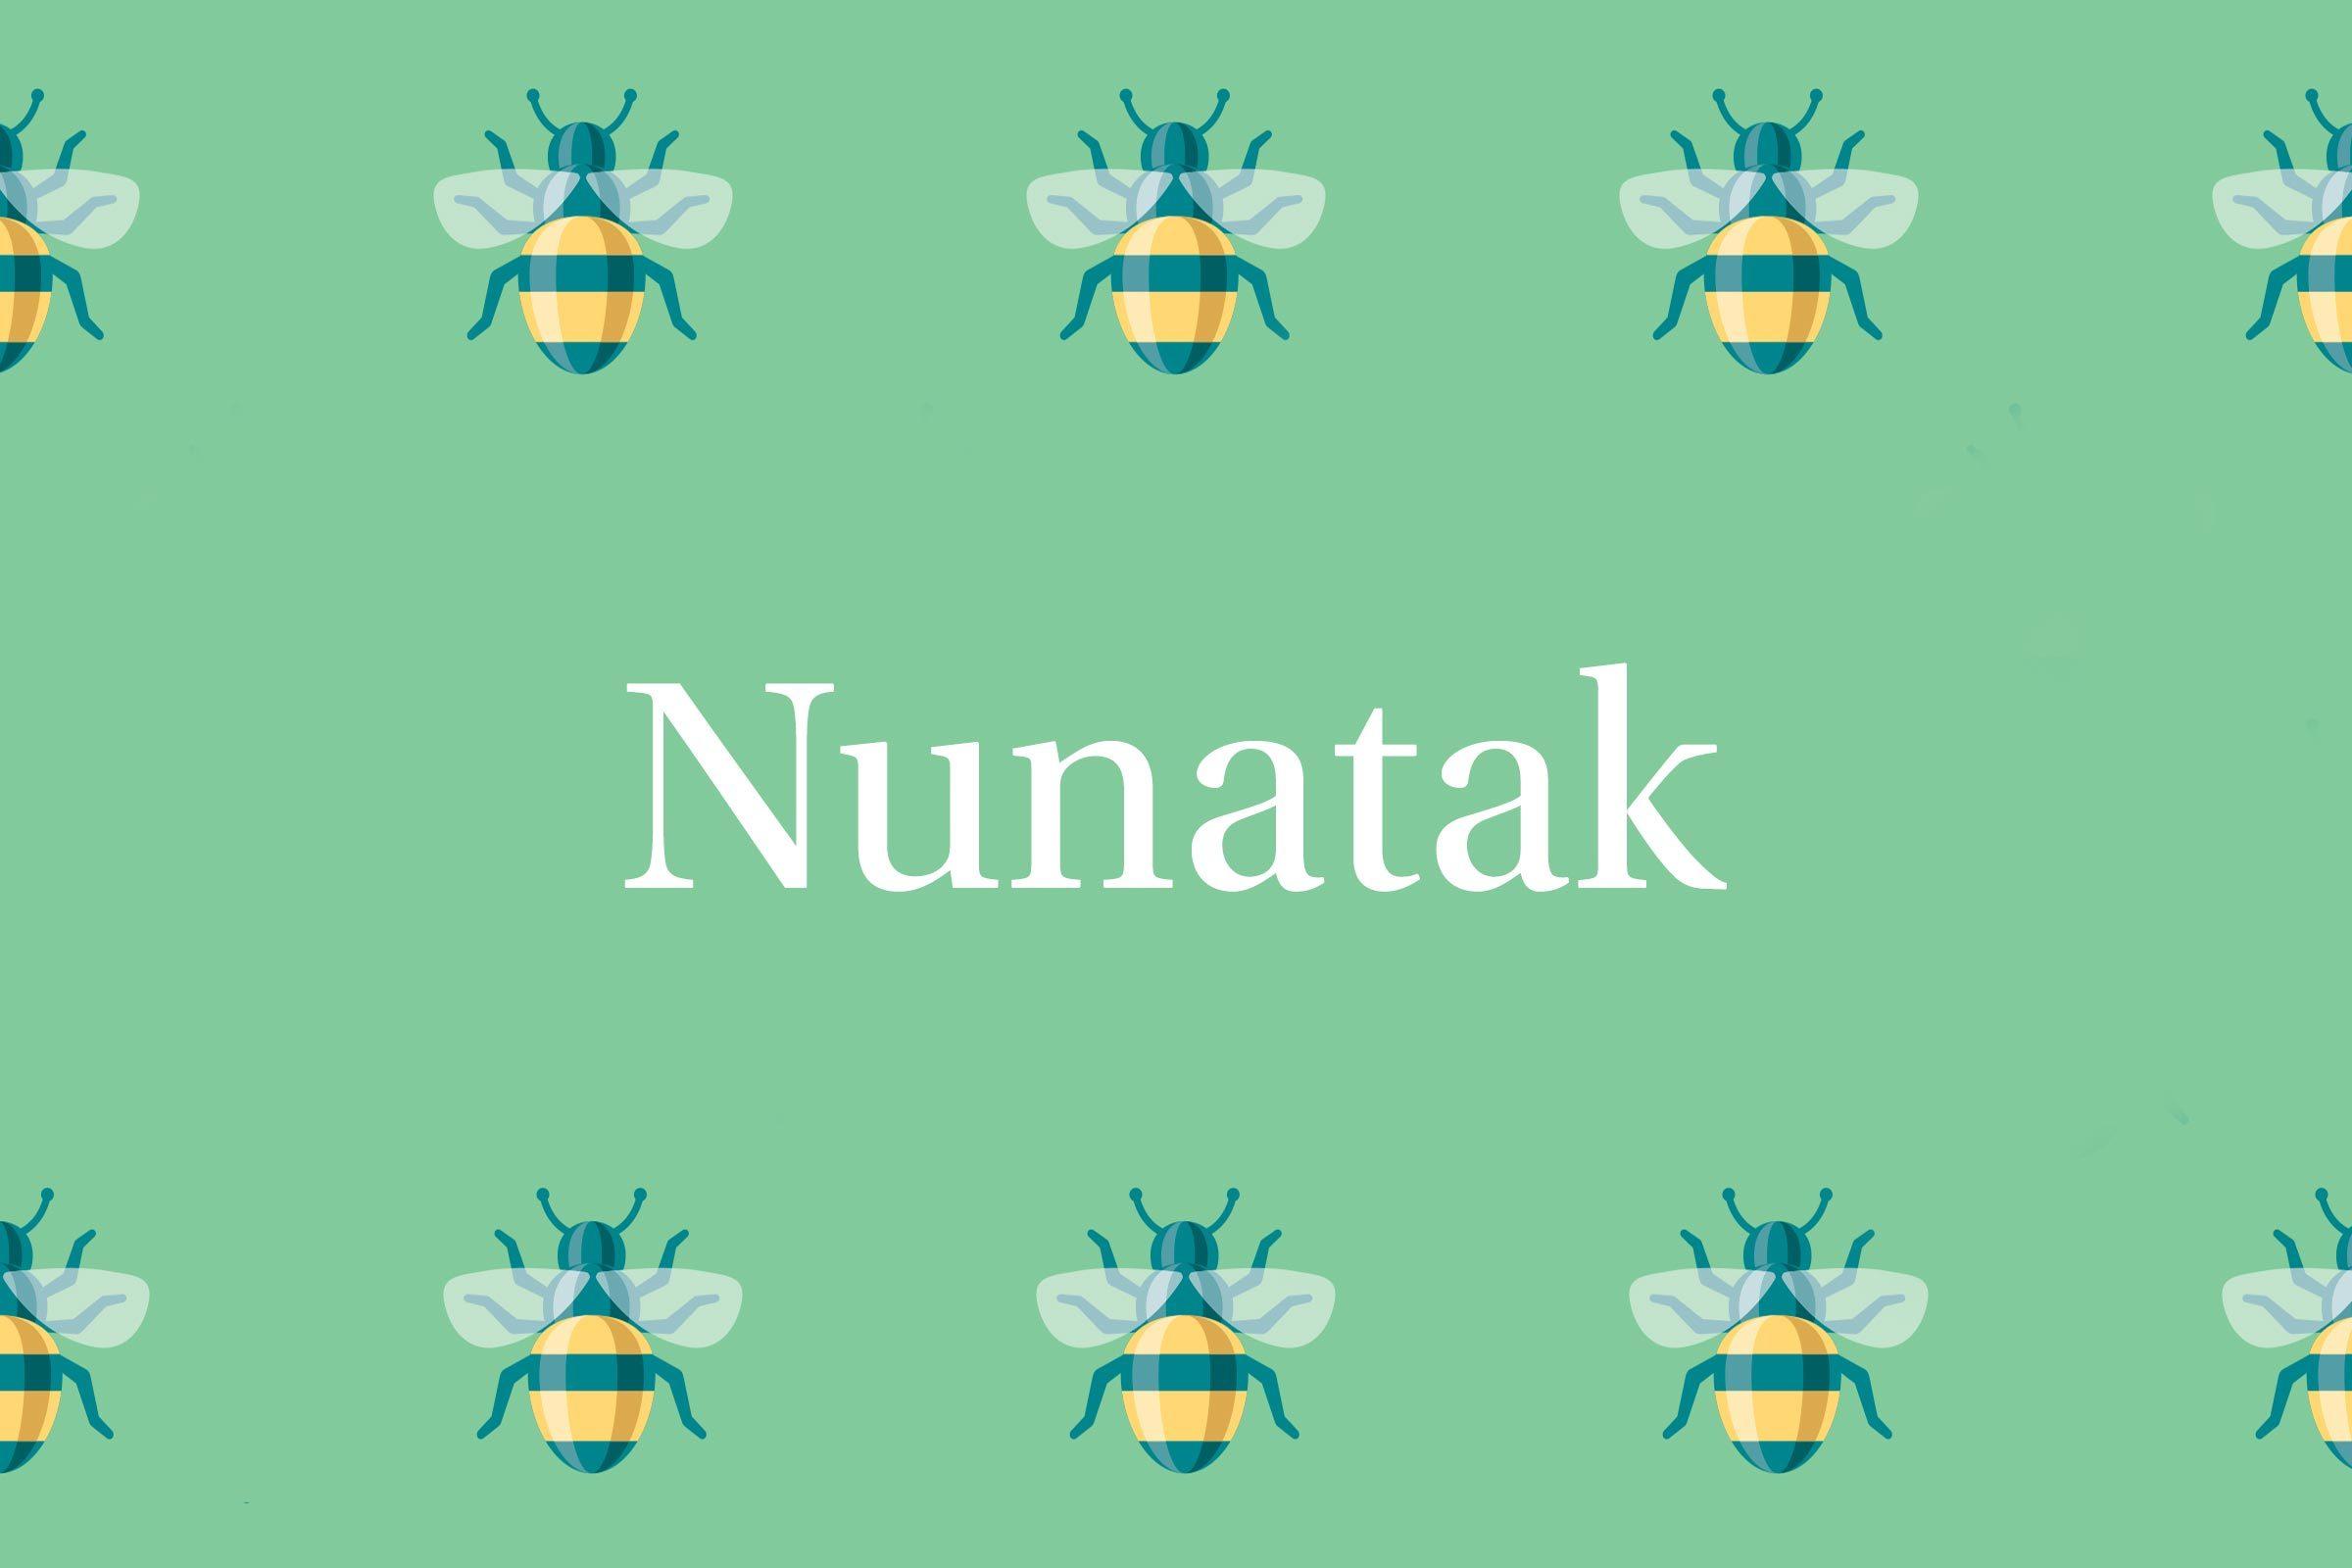 Nunatak